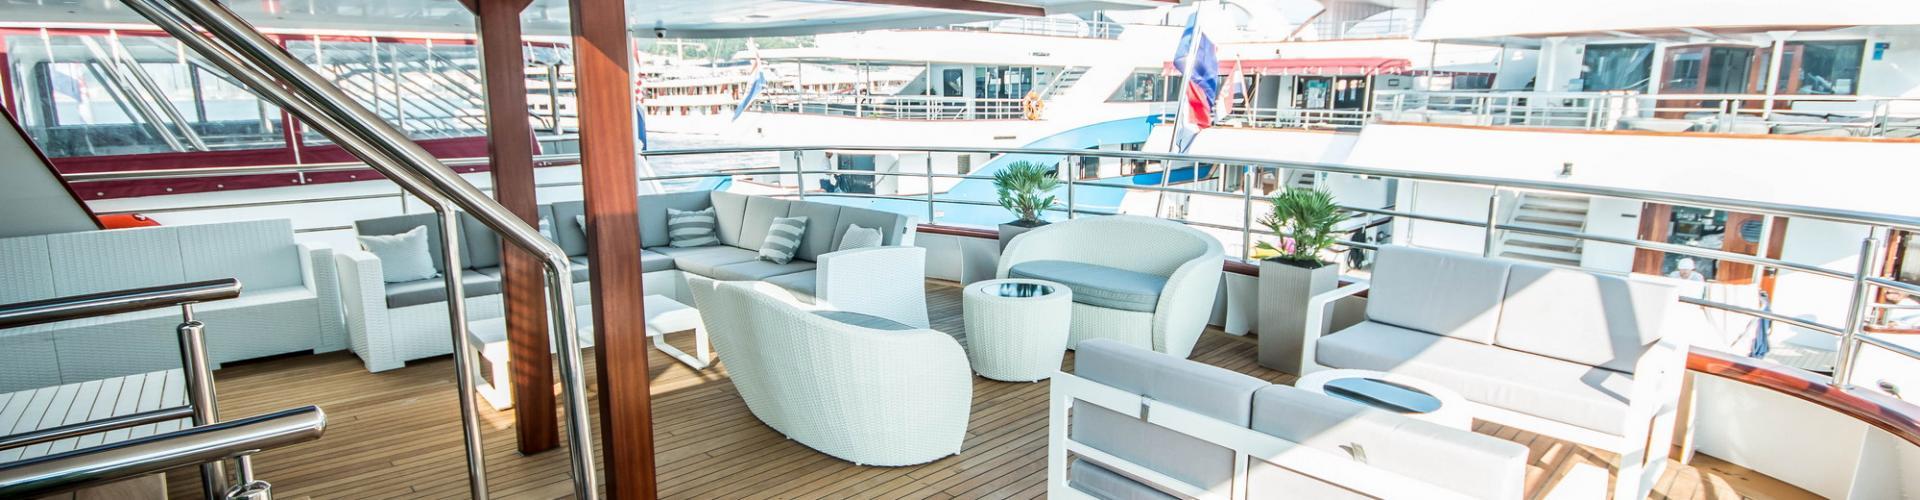 barca a motore Deluxe Superior nave da crociera MV Markan